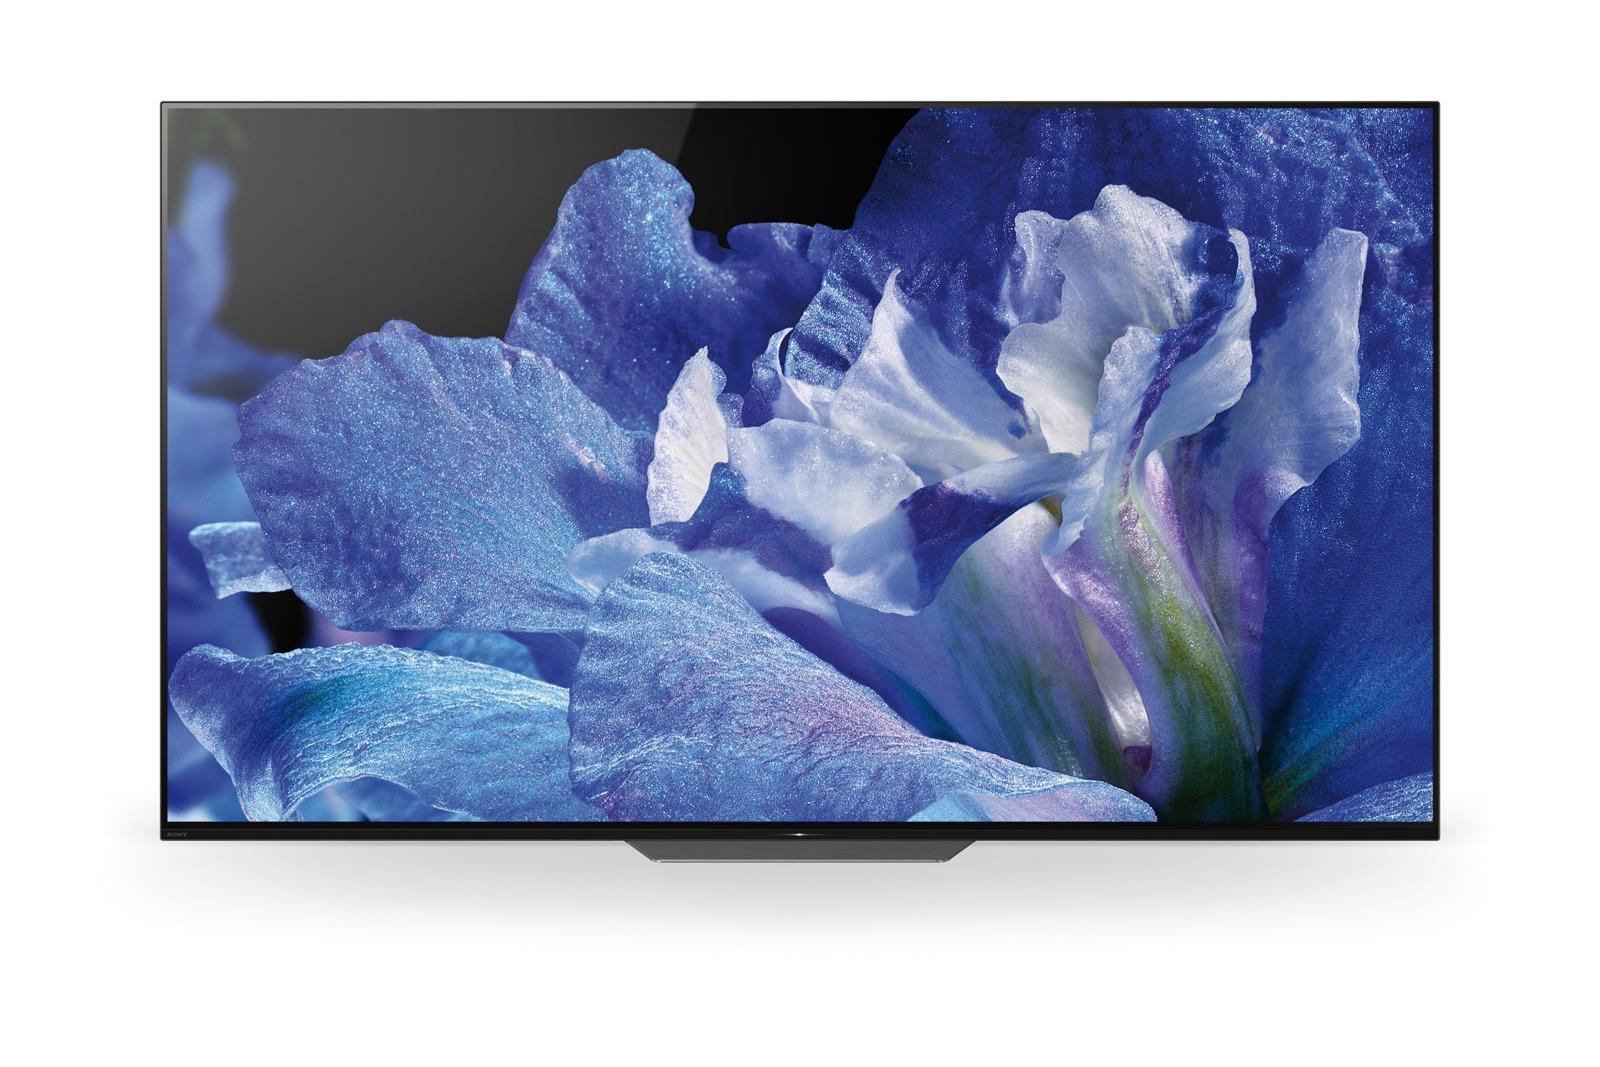 SONY OLED TV KD-65AF8